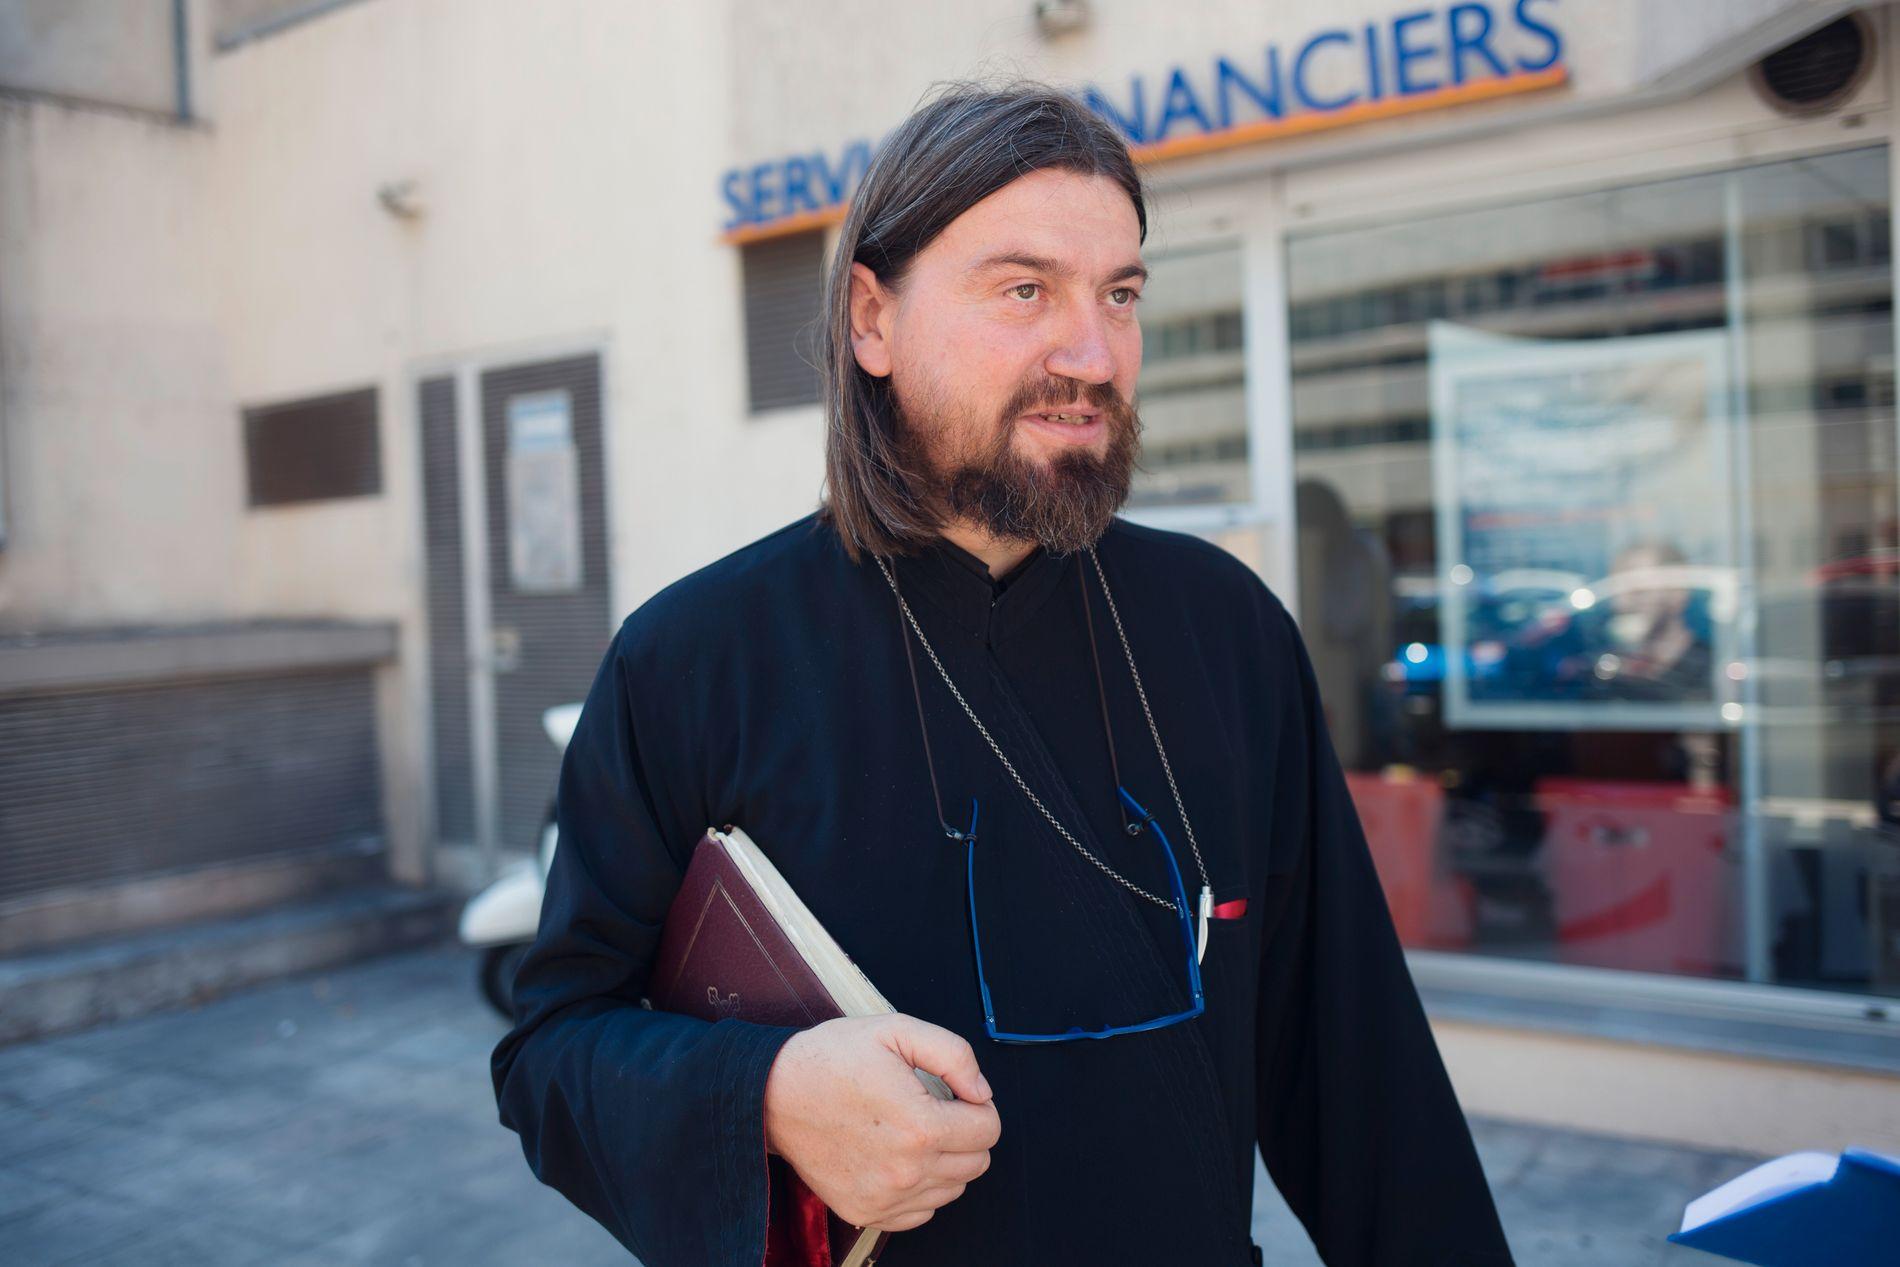 TRØST: Den ortodoske presten fader Radu har etter ulykken forsøkt å hjelpe til der han kan. Det verste er å se familiene som lider, sier han.